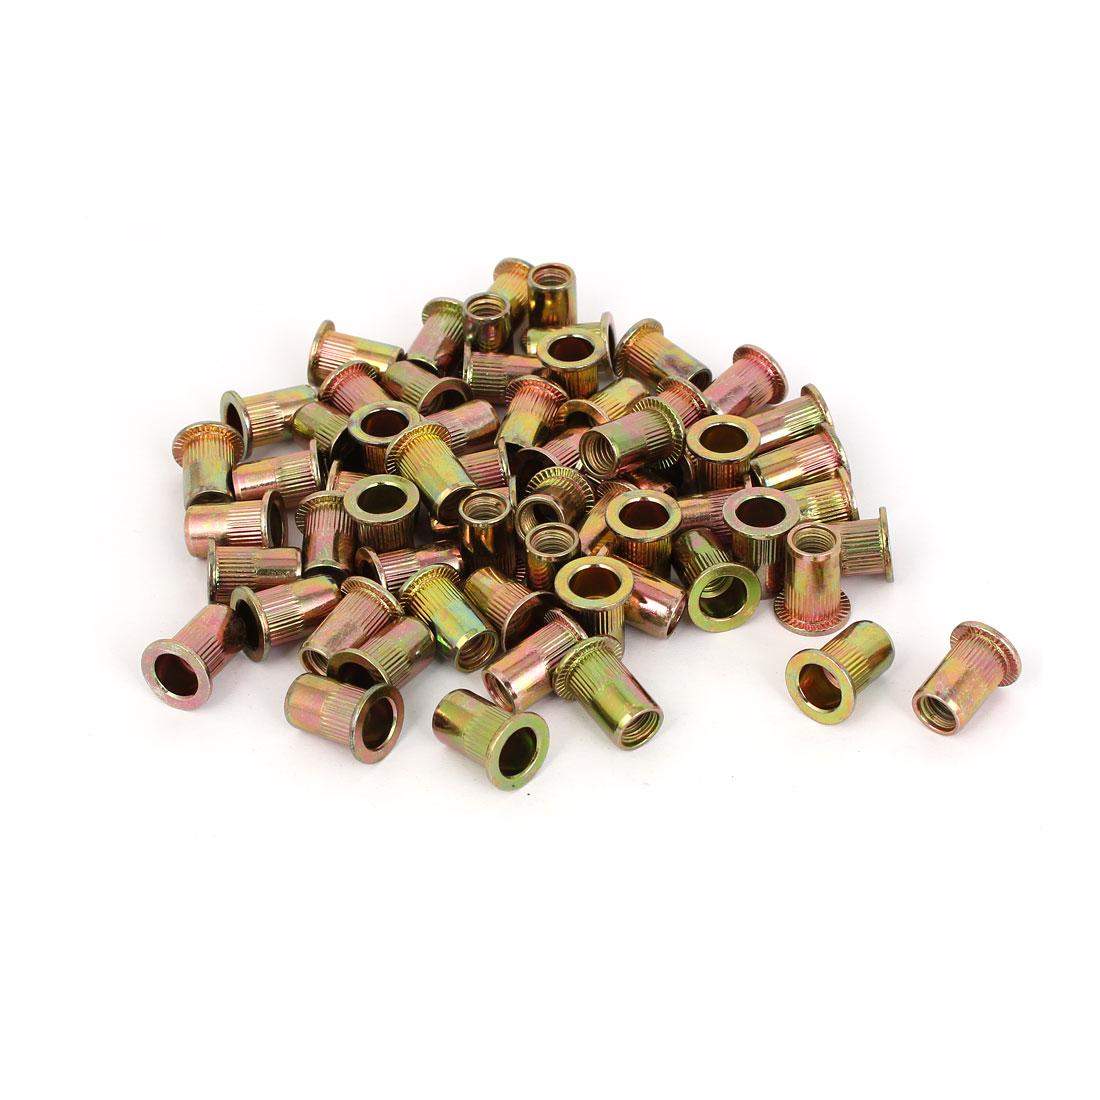 Straight Knurled Flat Head Rivet Nut Insert Nutsert Bronze Tone 11x18mm 50pcs